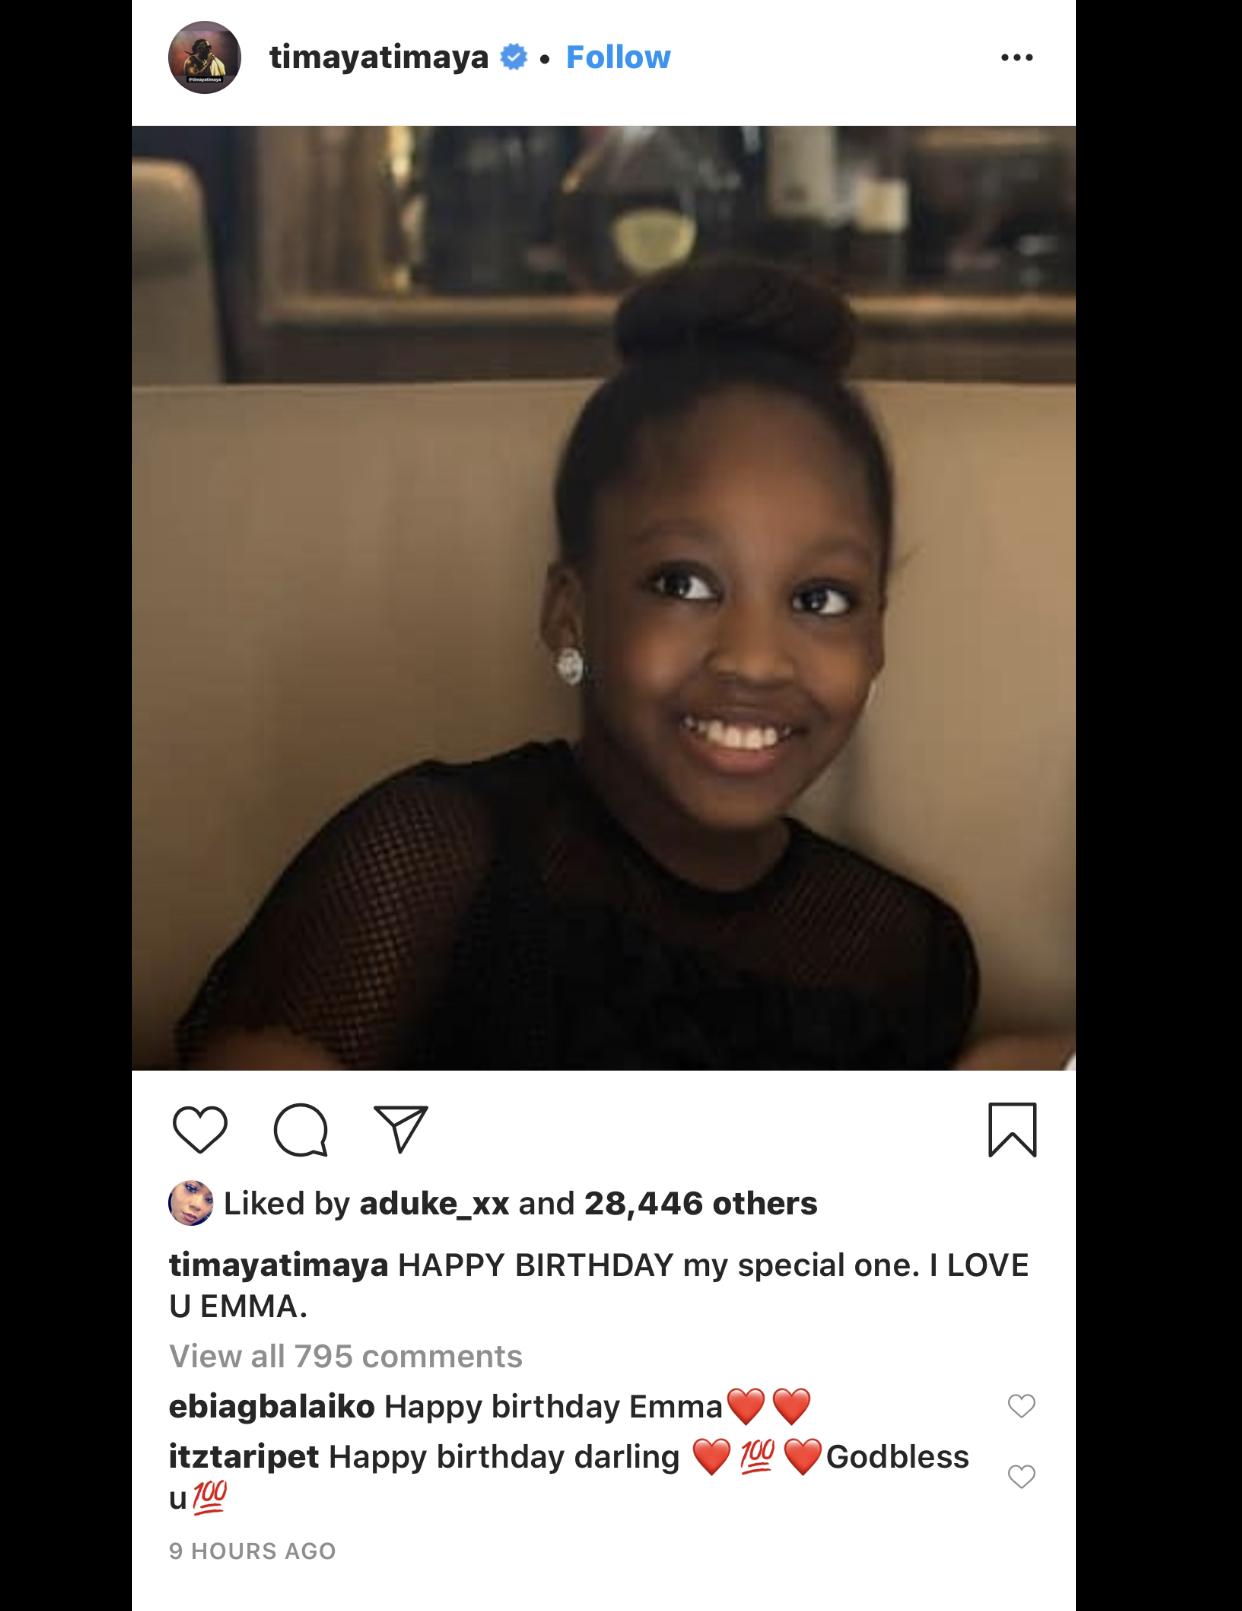 The singer's post